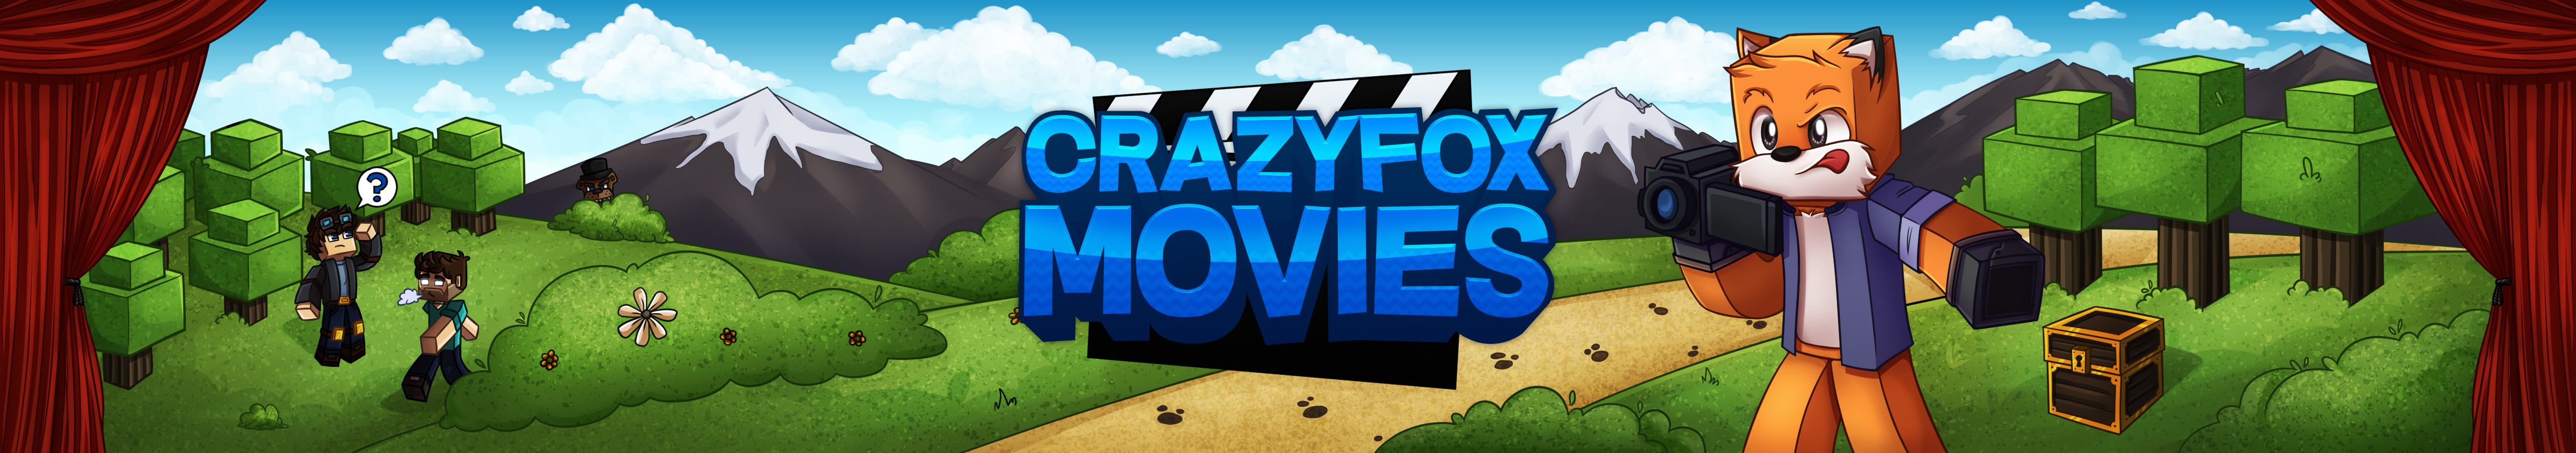 Minecraft Banner Crazyfoxmovies By Eonofre12 On Deviantart